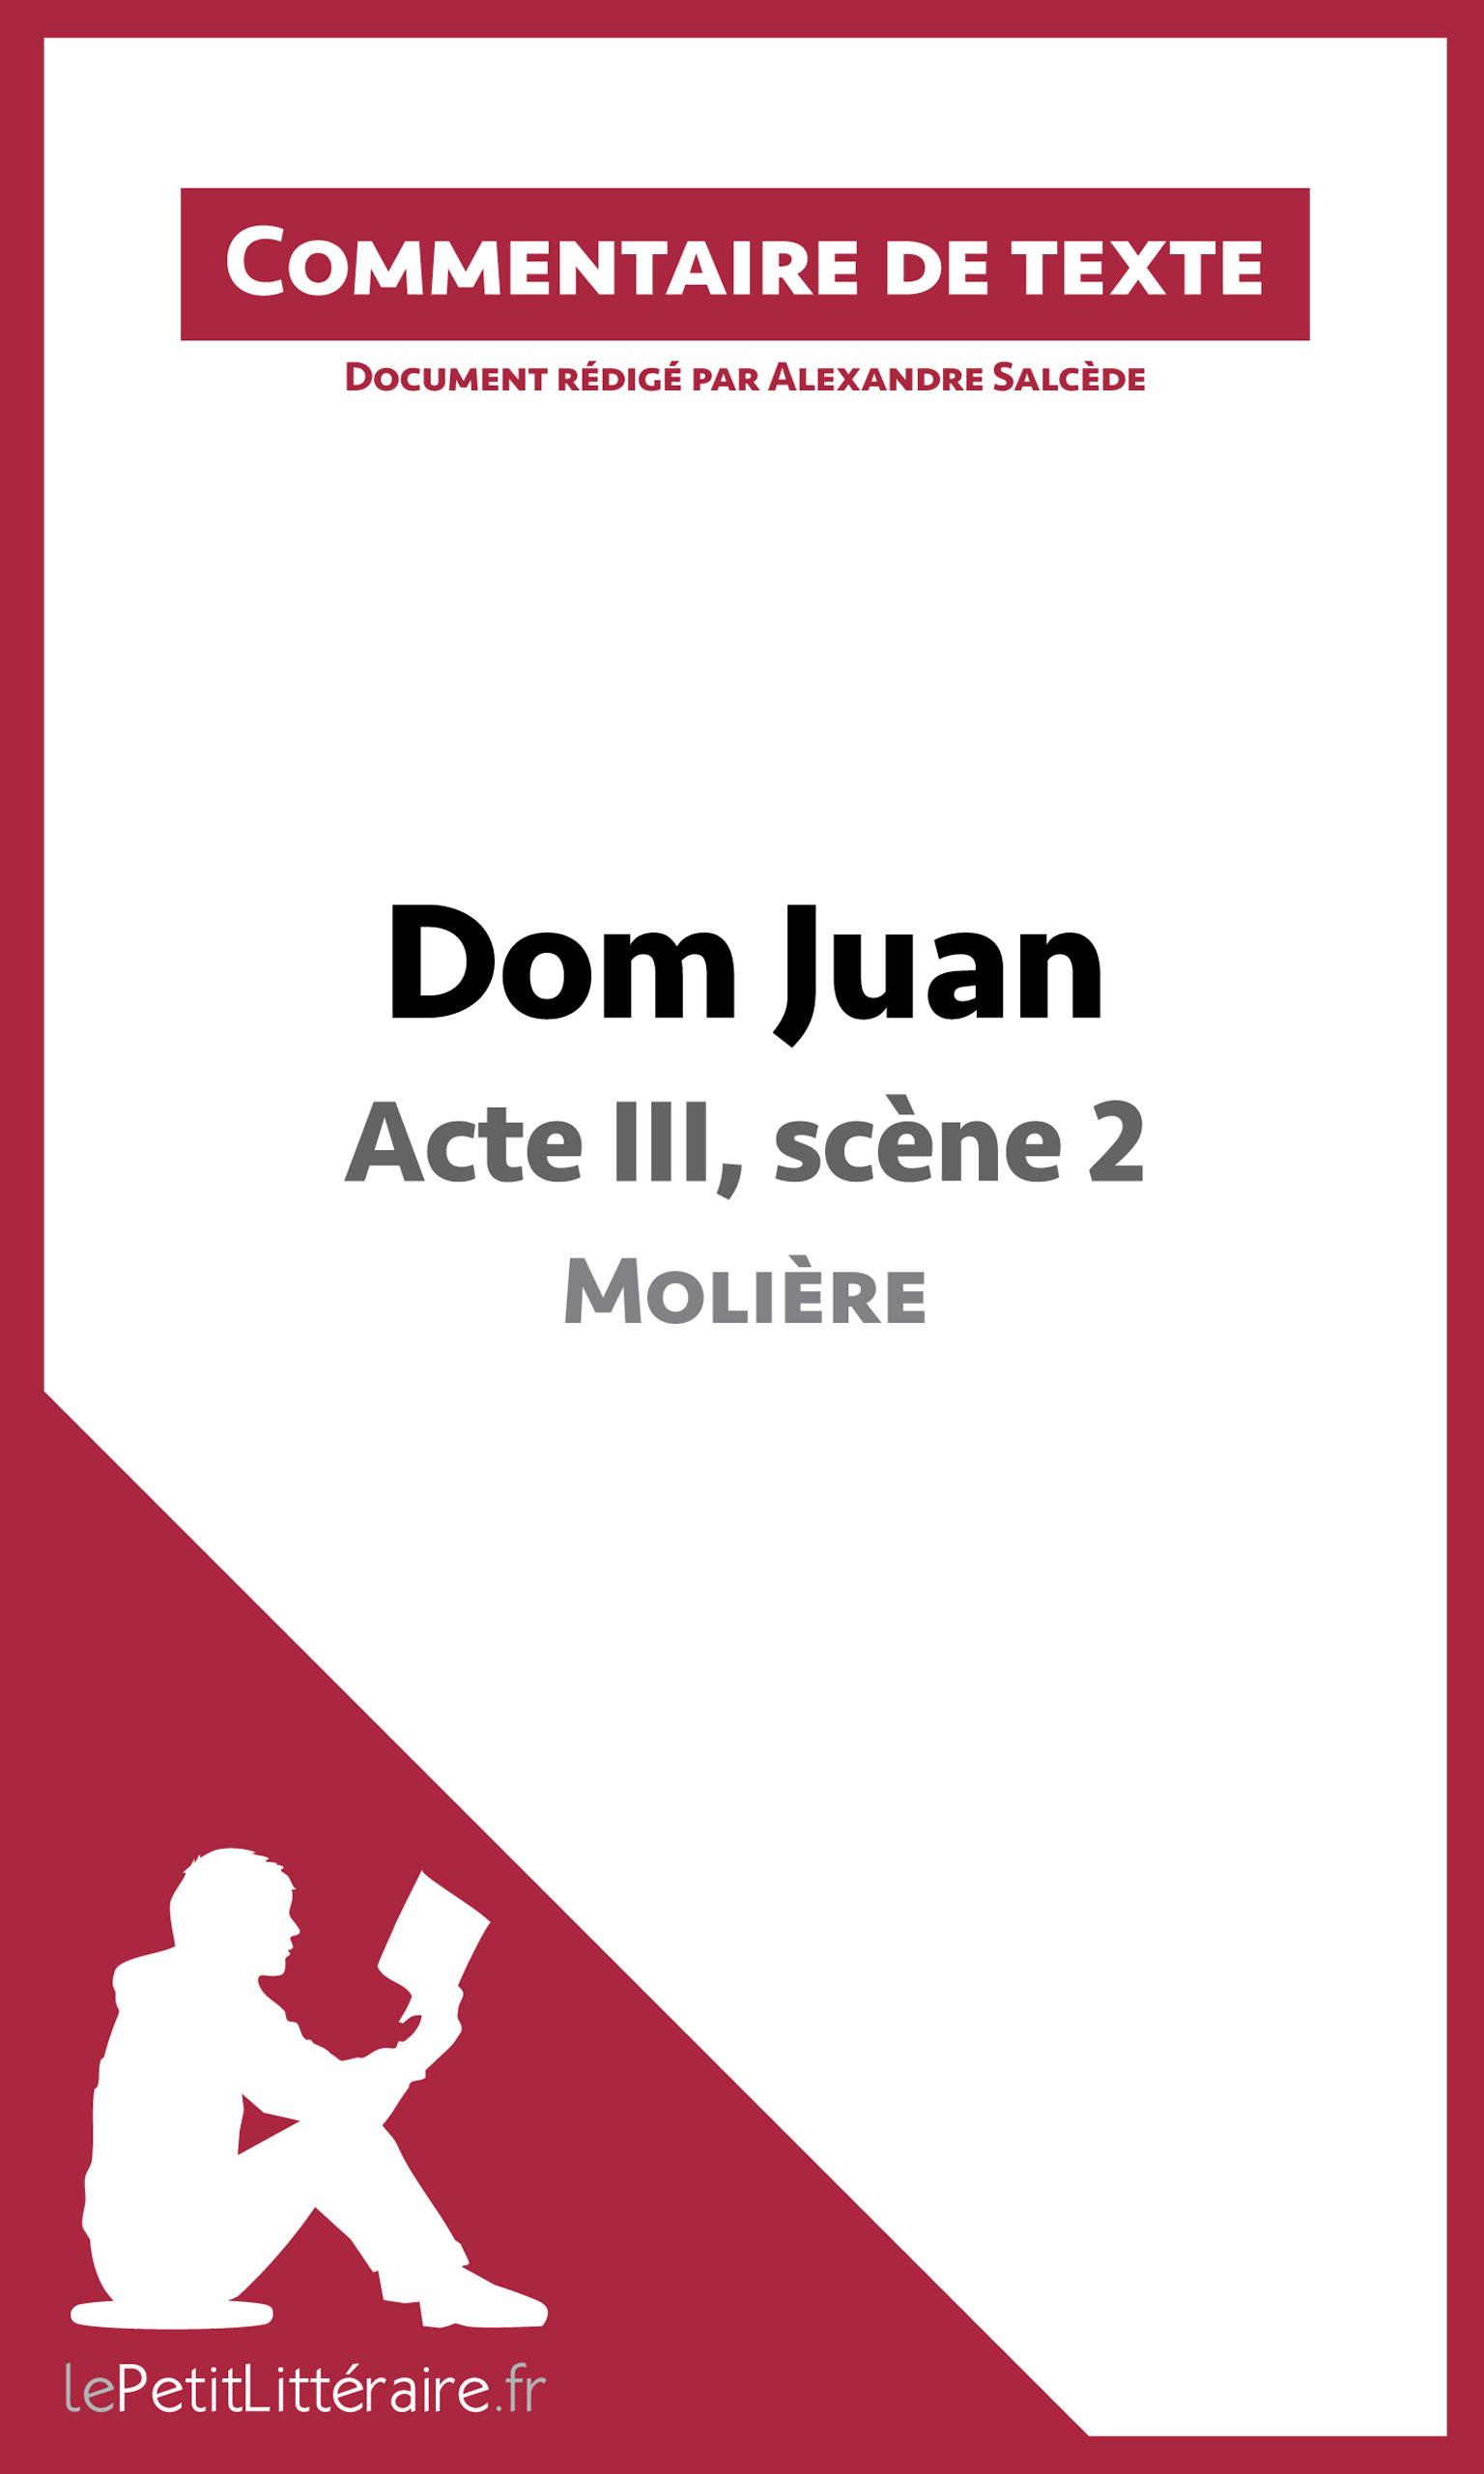 La scène 2 de l'acte III